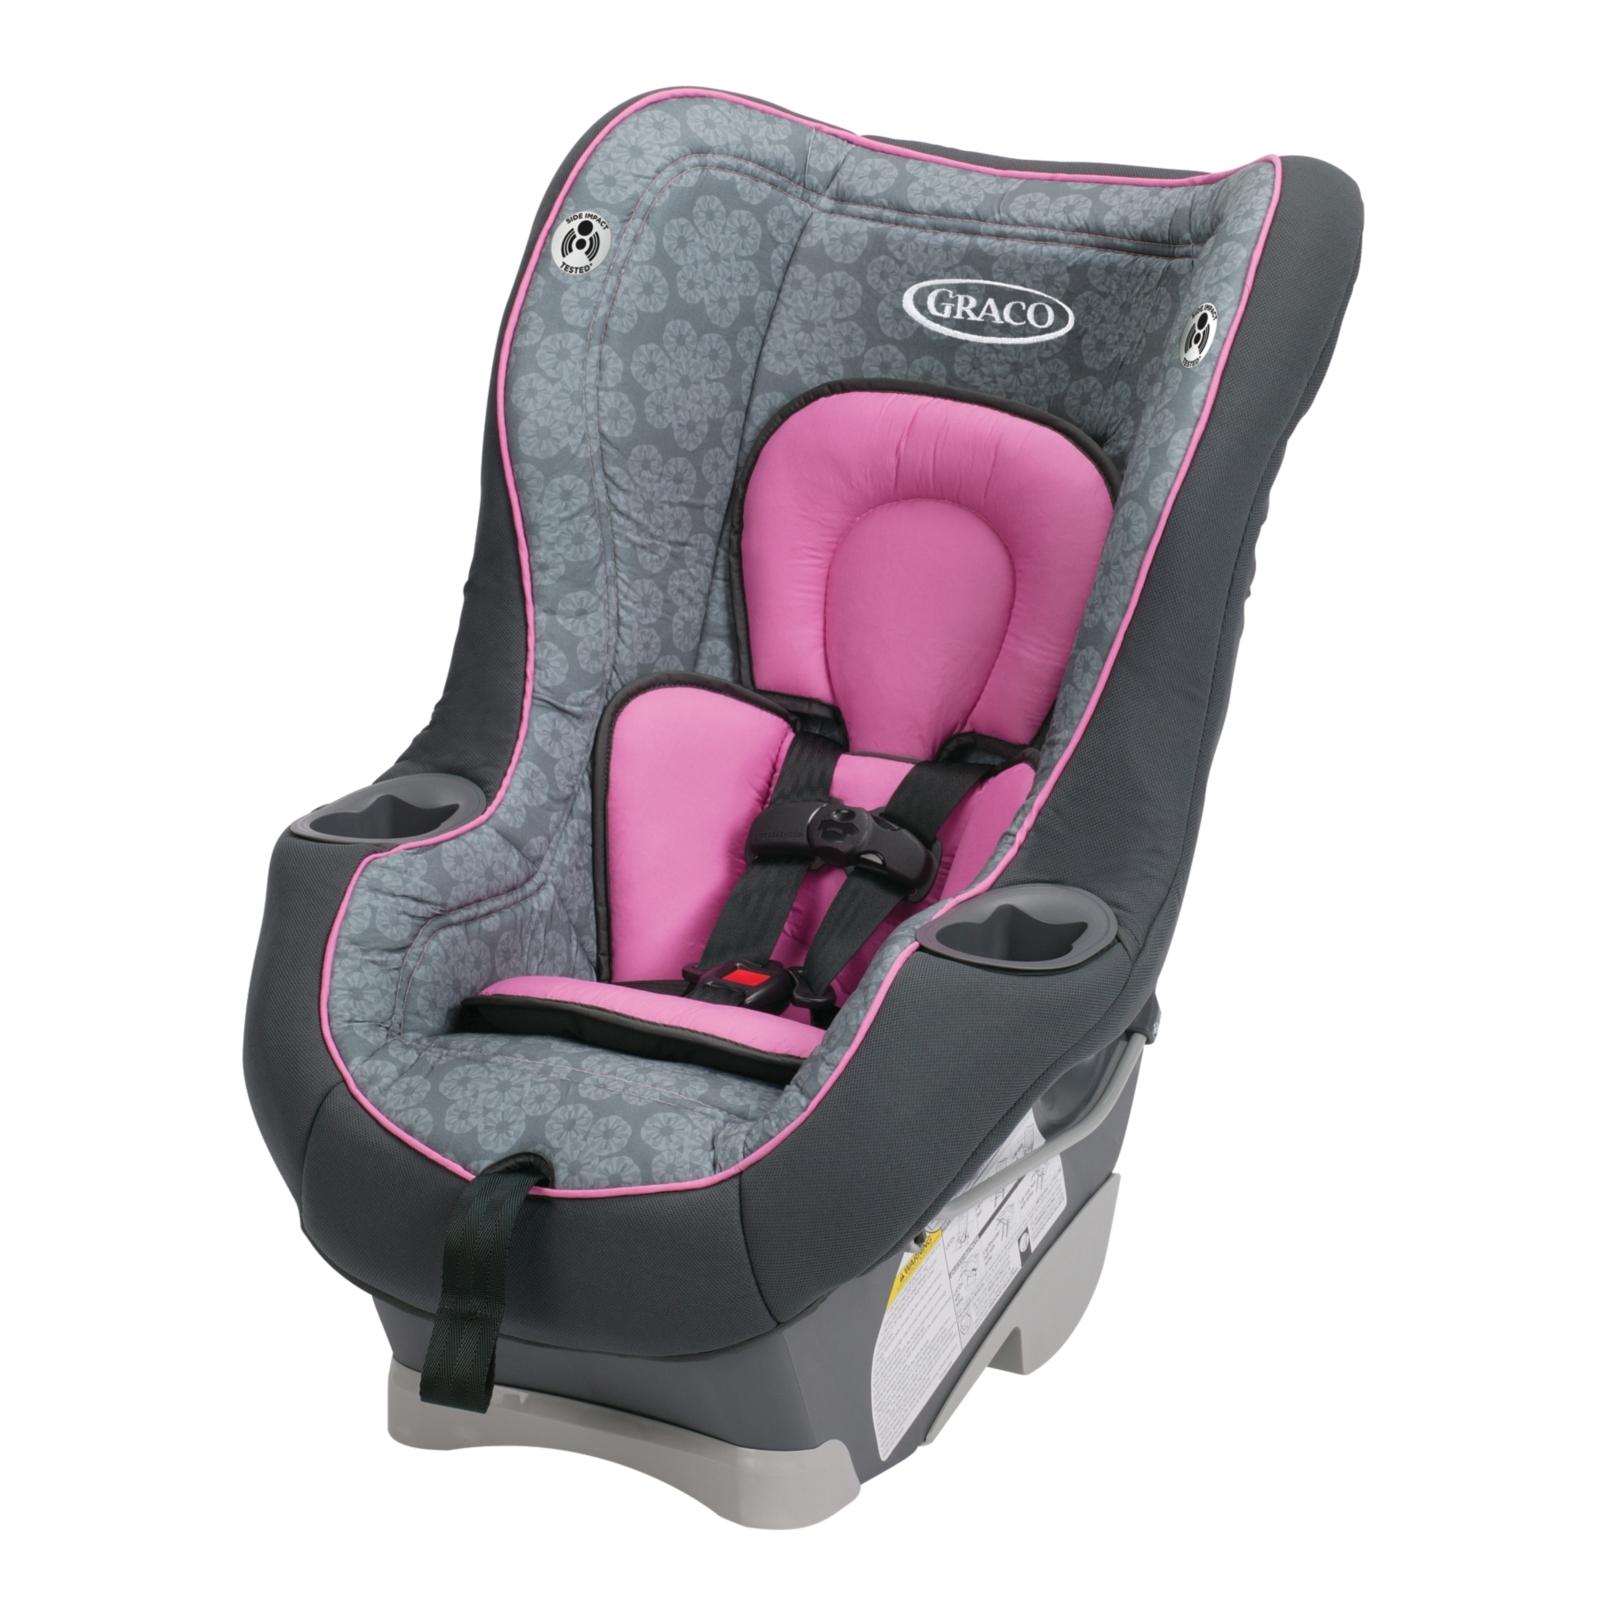 Graco Ride 65 Convertible Car Seat - Sylvia